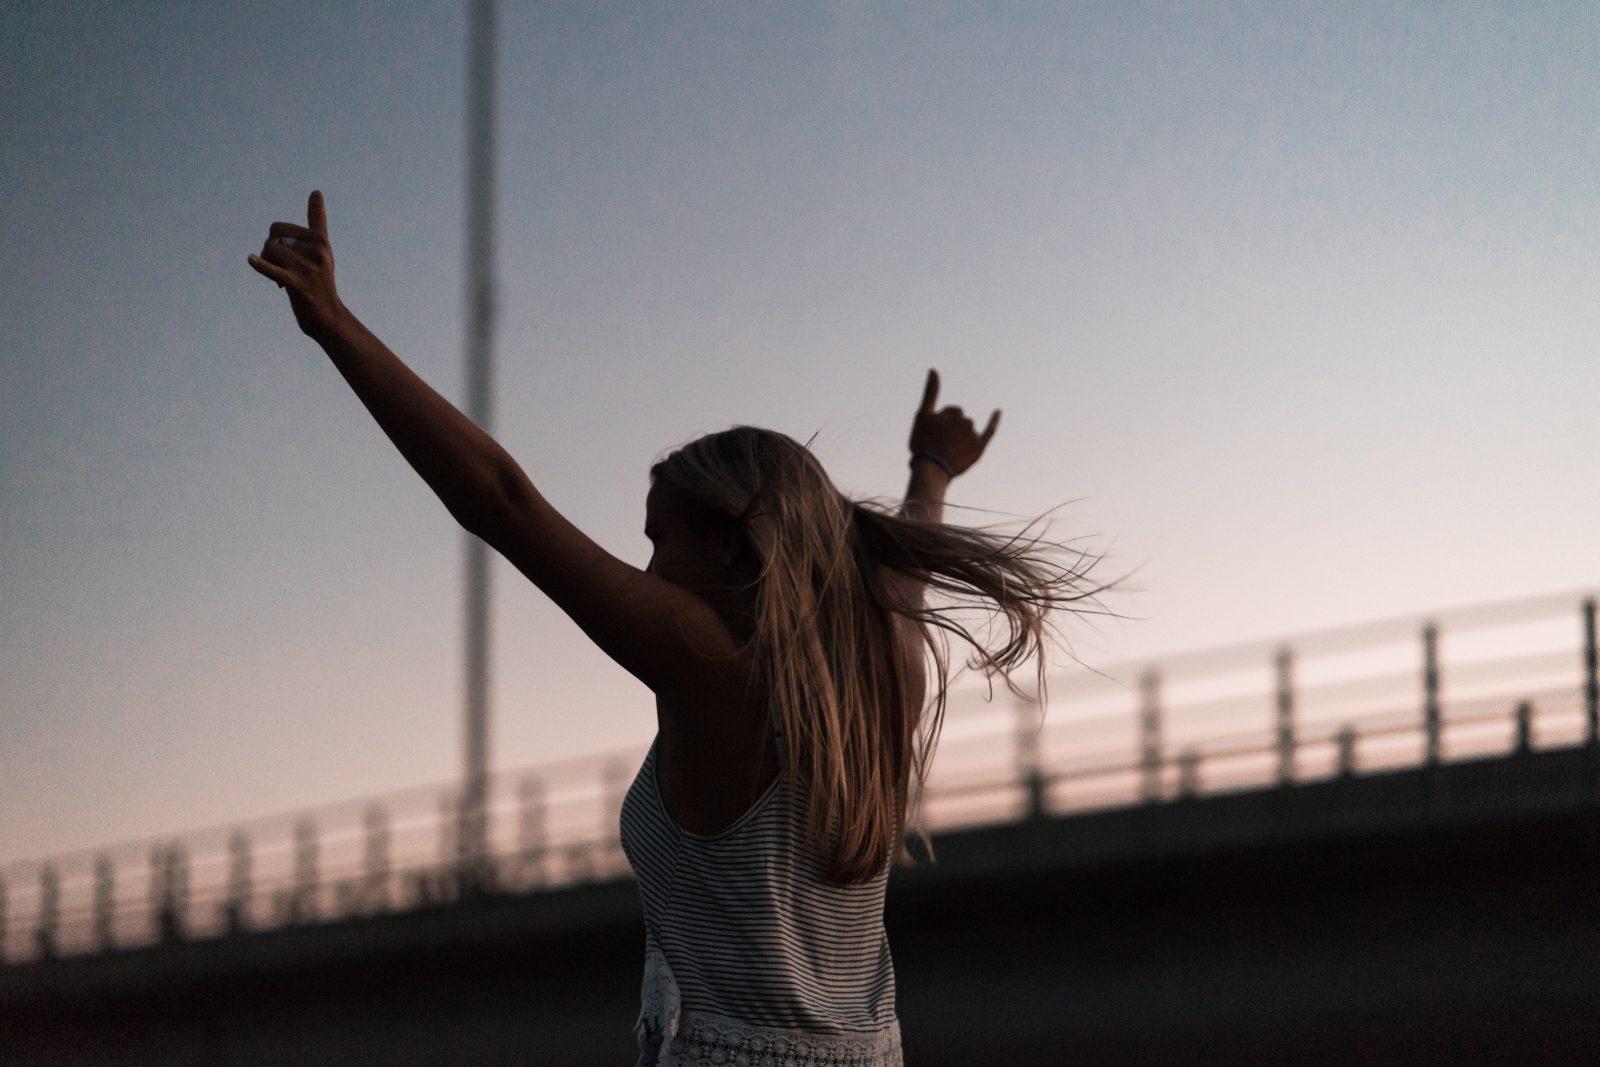 Ihminen pitää käsiä ilmassa jahiukset hulmuaa auringonlaskua vasten.